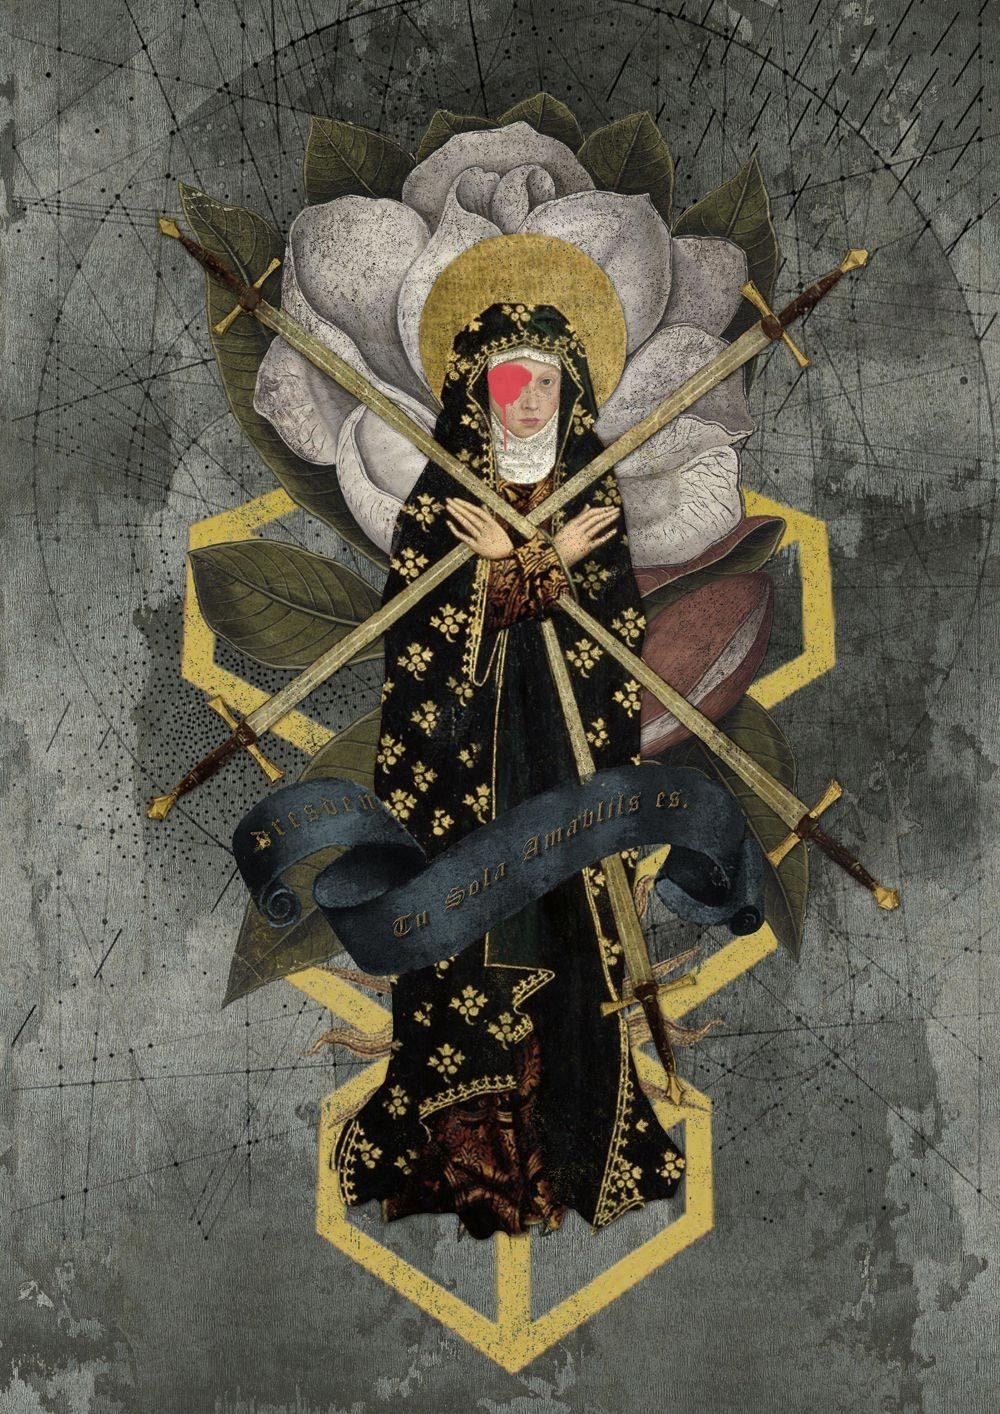 ouzo-kim-renaissance-collage-11 (1).jpg